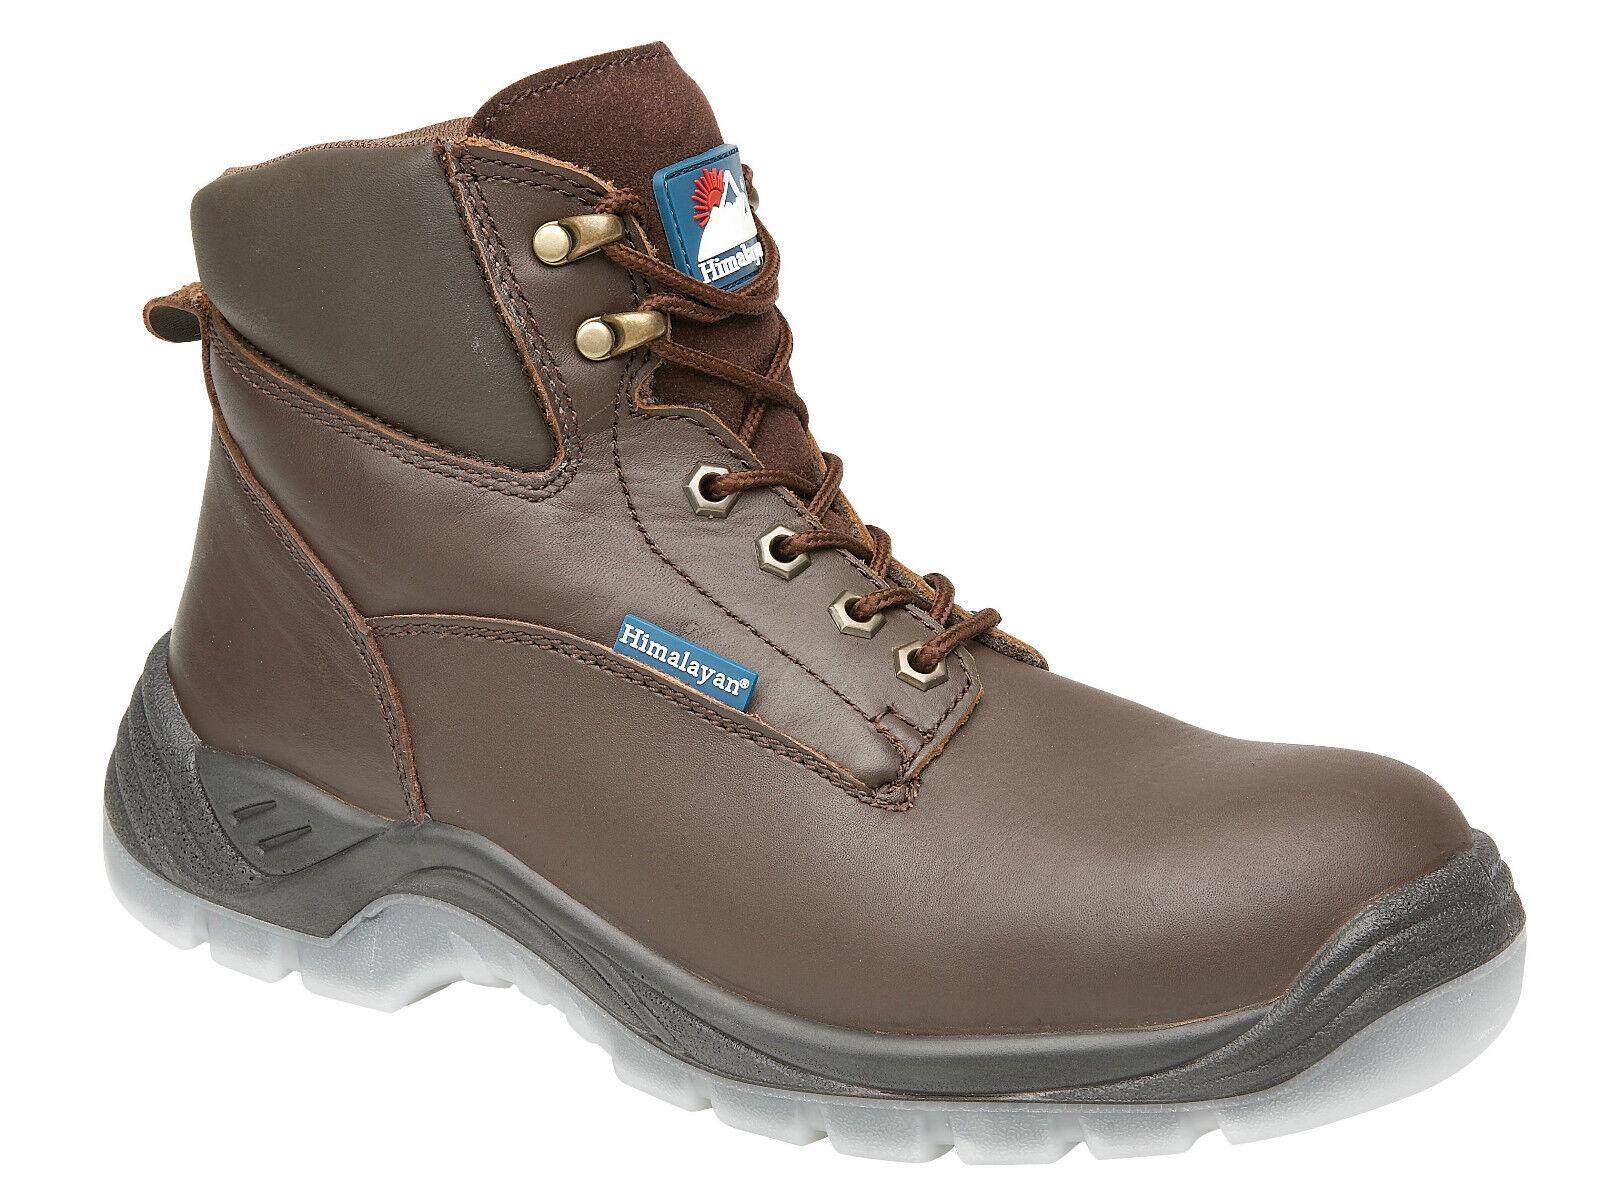 Himalayan 5053 s3 Acciaio SRC BROWN IN PELLE Acciaio s3 Puntale Escursionista Stivali di sicurezza Work Boot 925736